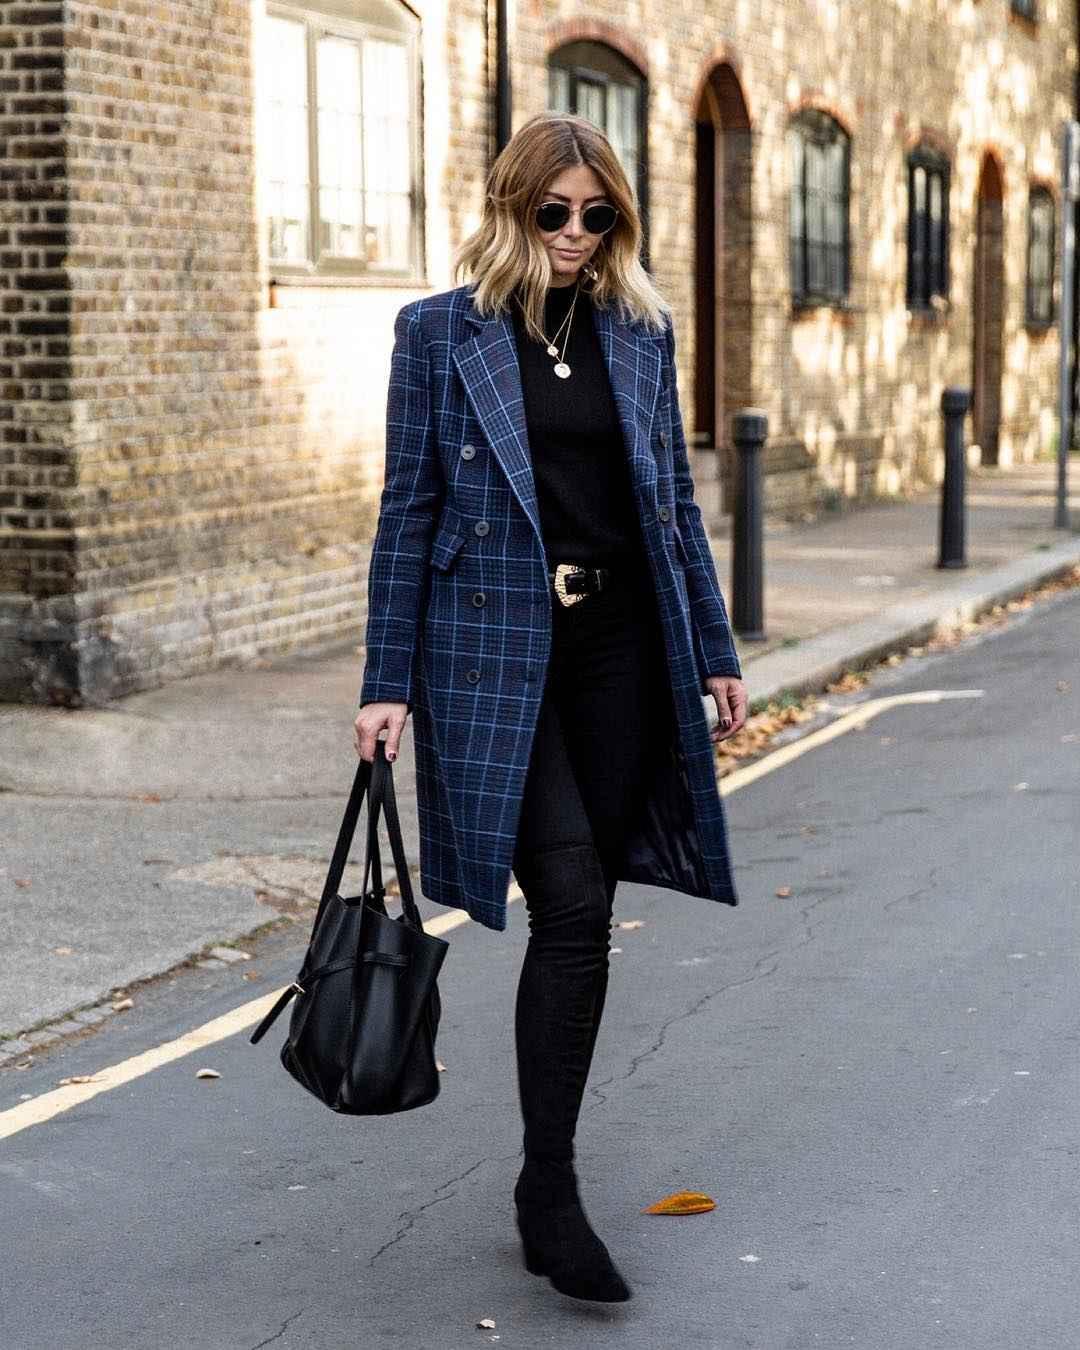 Модный офисный стиль 2019-2020 с брюками фото идеи_22